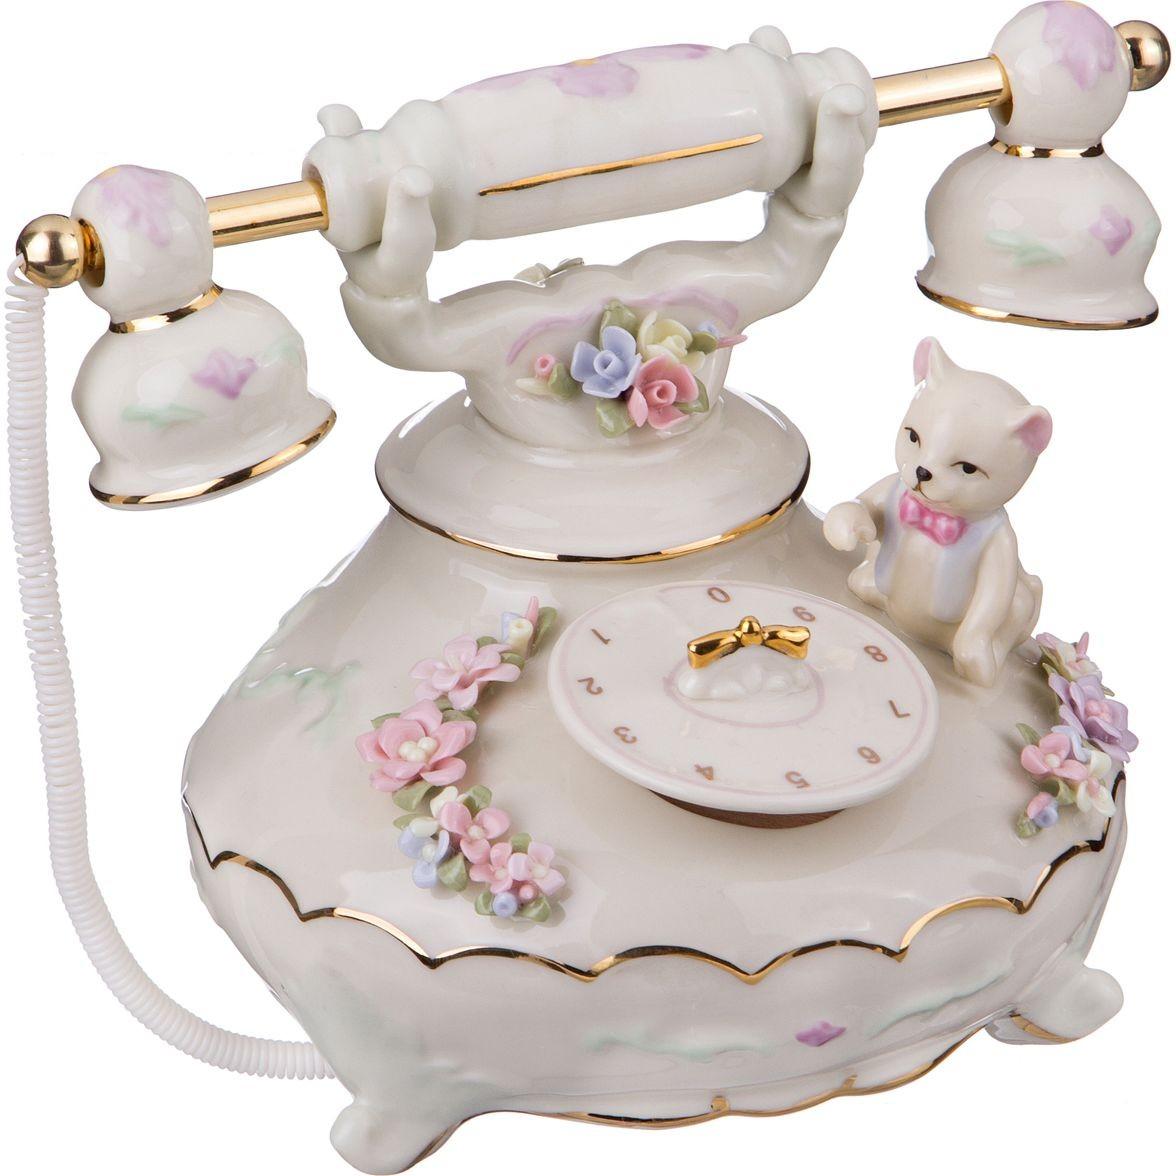 Фарфоровая статуэтка «Телефон и котенок»